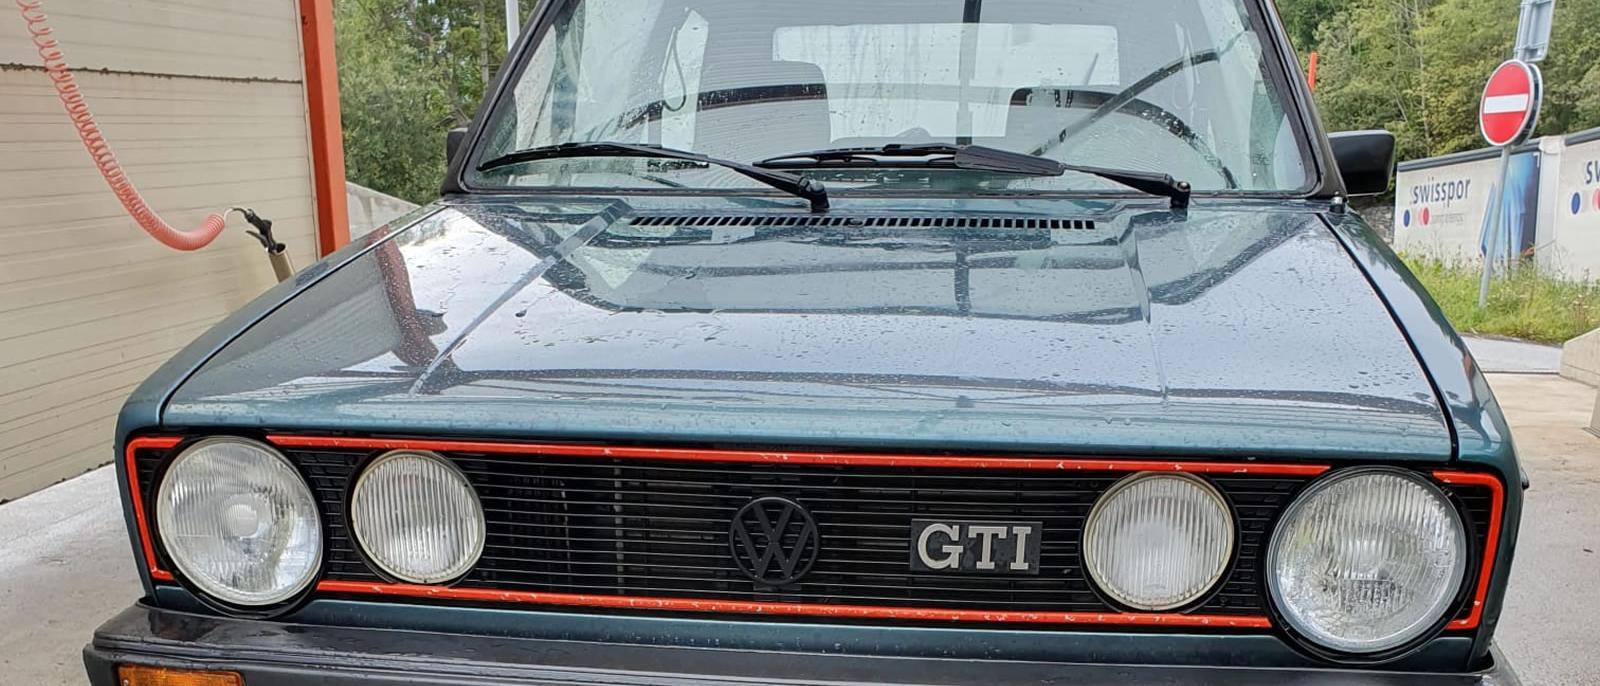 VW Golf 1 GTI 1800